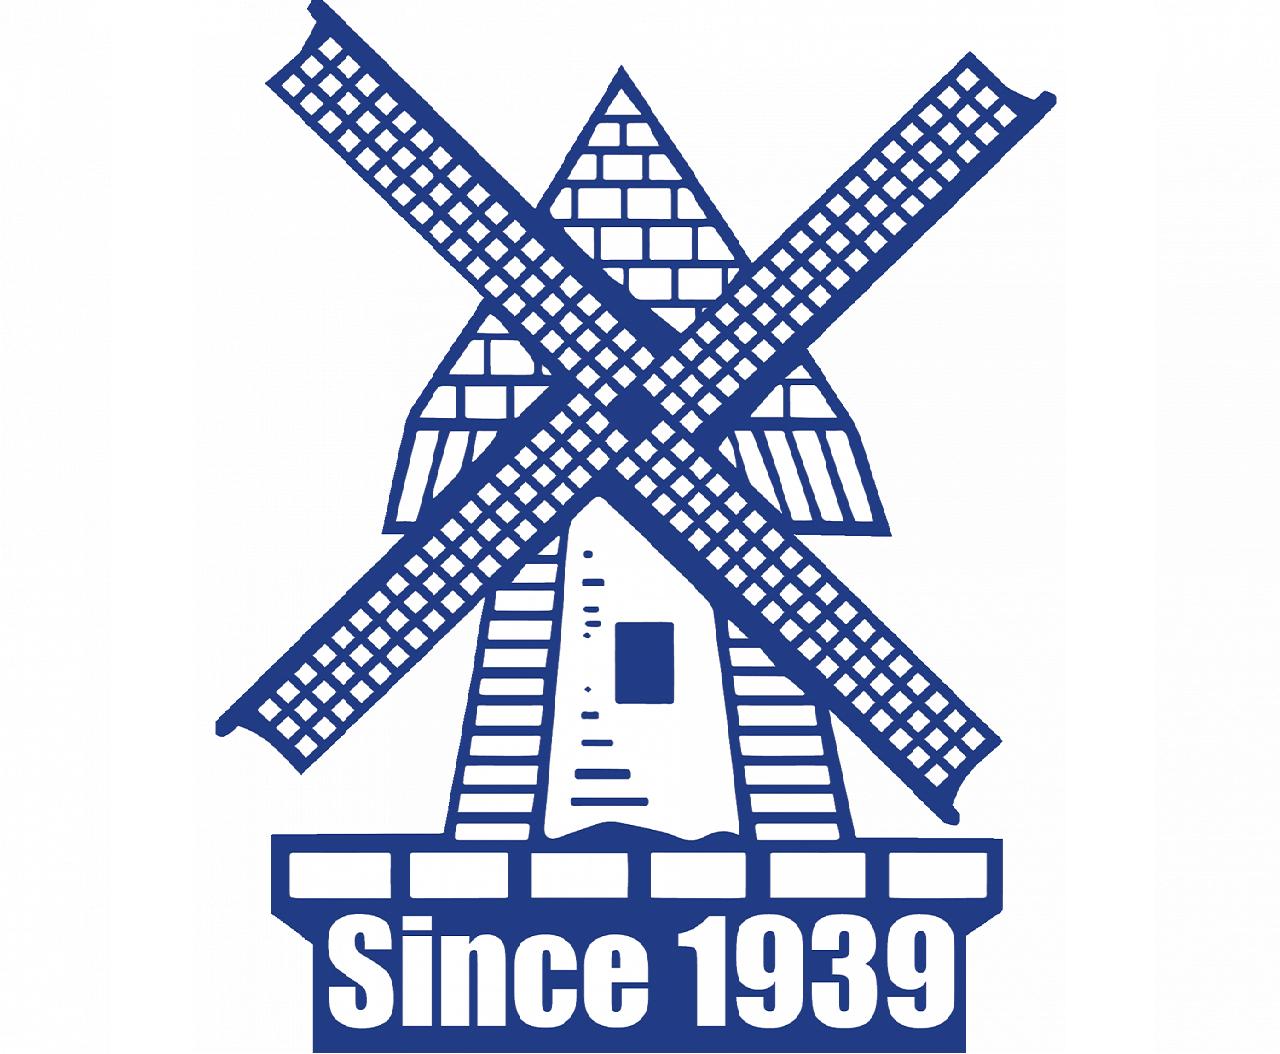 fuse box kenworth t660 [ 1280 x 956 Pixel ]